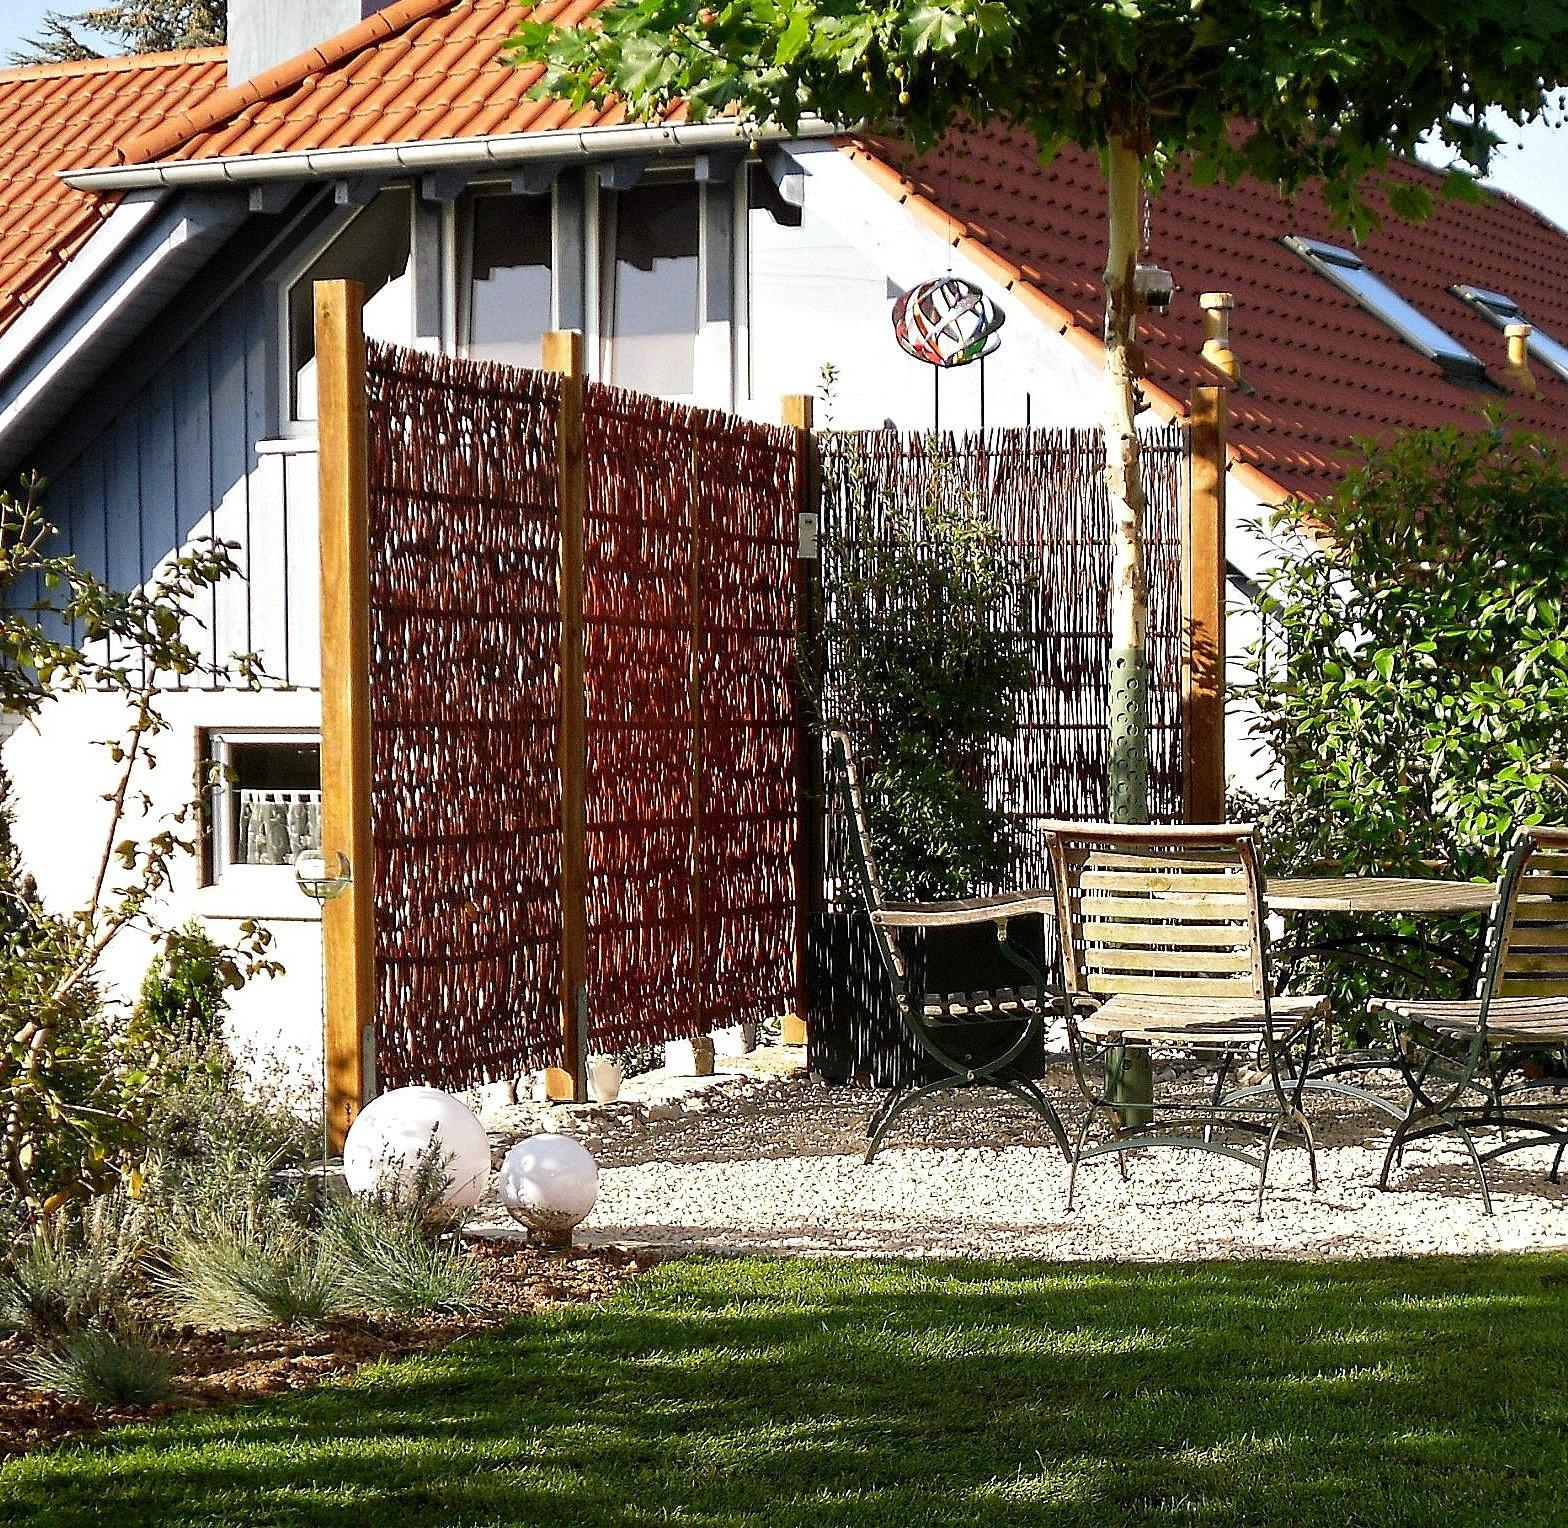 Weide Basic Terrasse Sichtschutz C Lieferant Couch